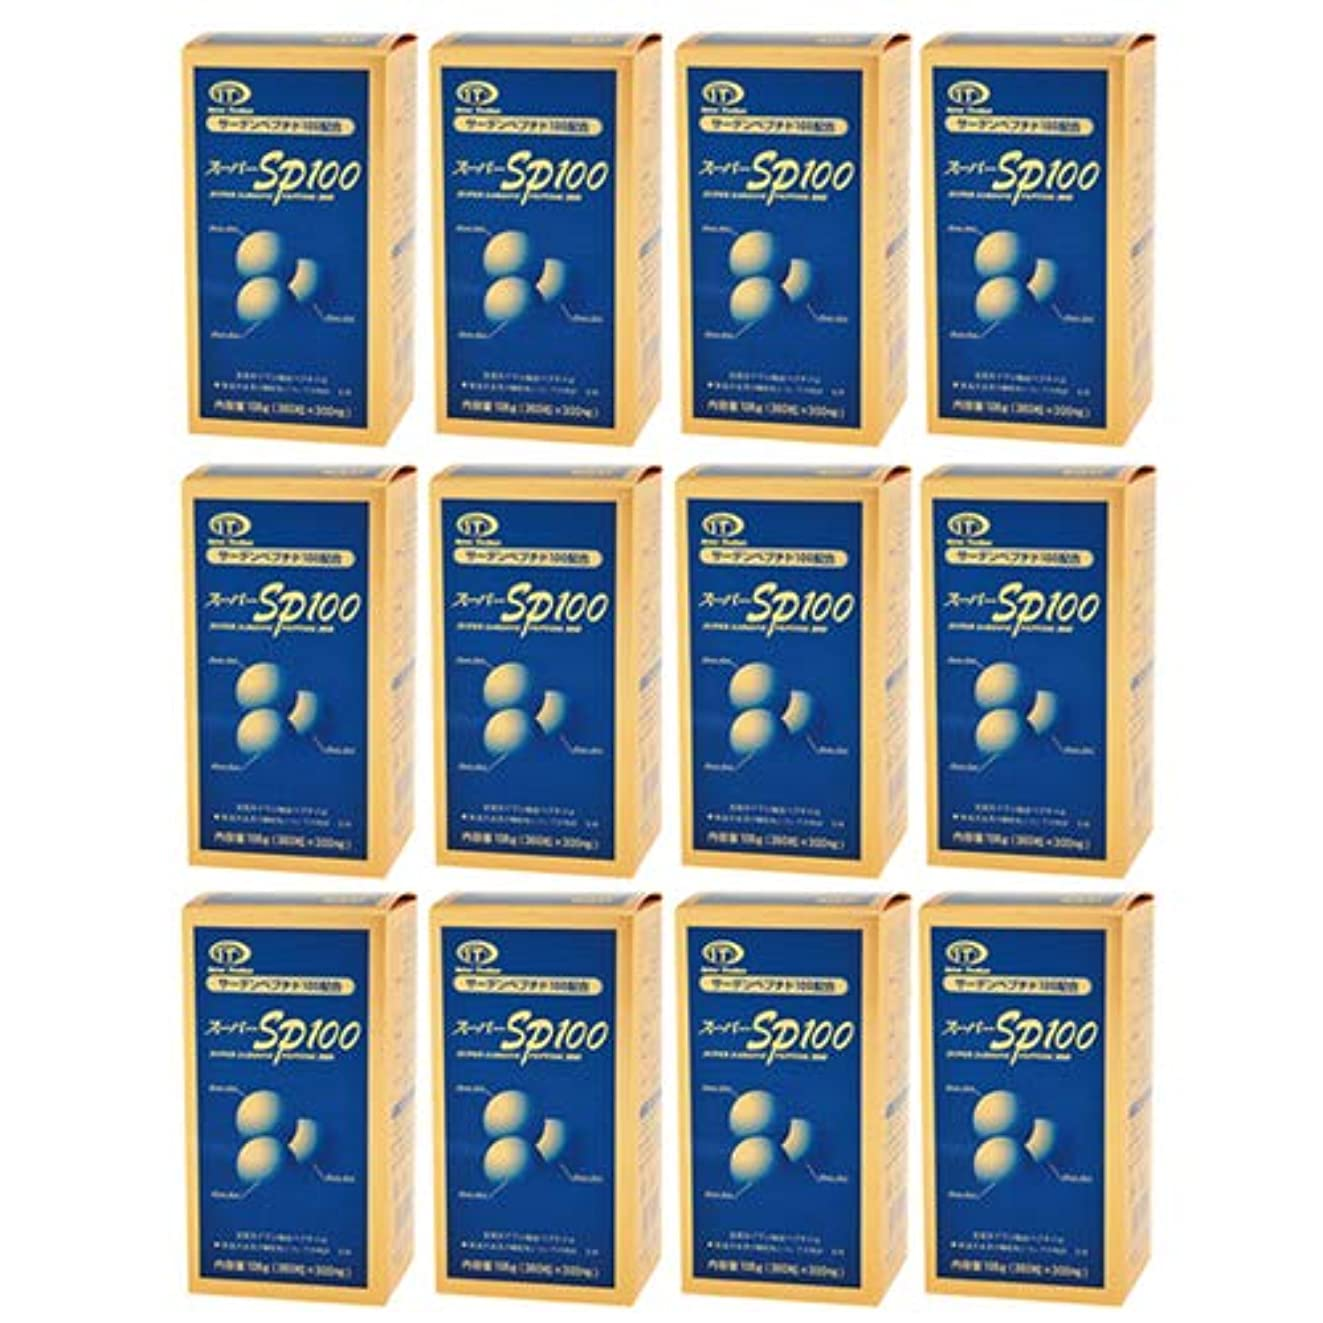 エイリアン伝染病満員スーパーSP100(イワシペプチド)(360粒) 12箱